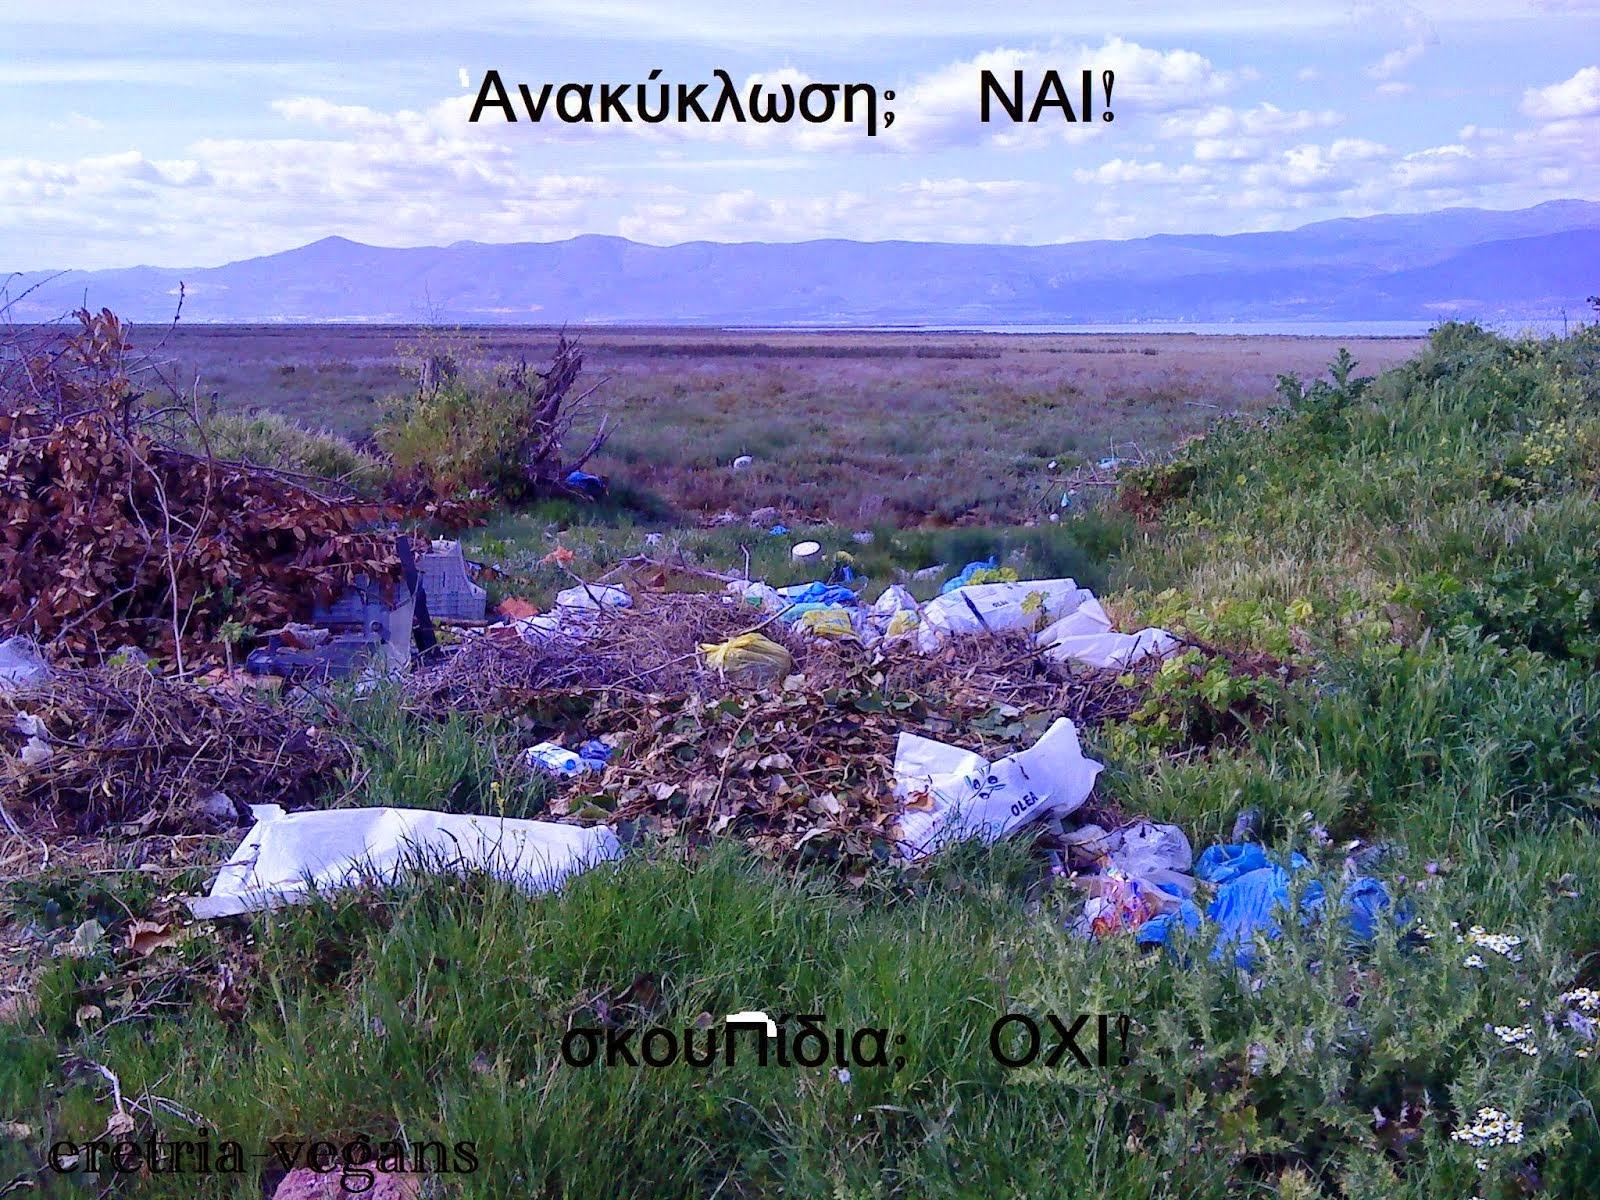 Μαζεύω σκουπίδια και ανακυκλώνω - παντού!!! Ας μετατρέψουμε αυτήν την απλή κίνηση σε κίνημα!!!